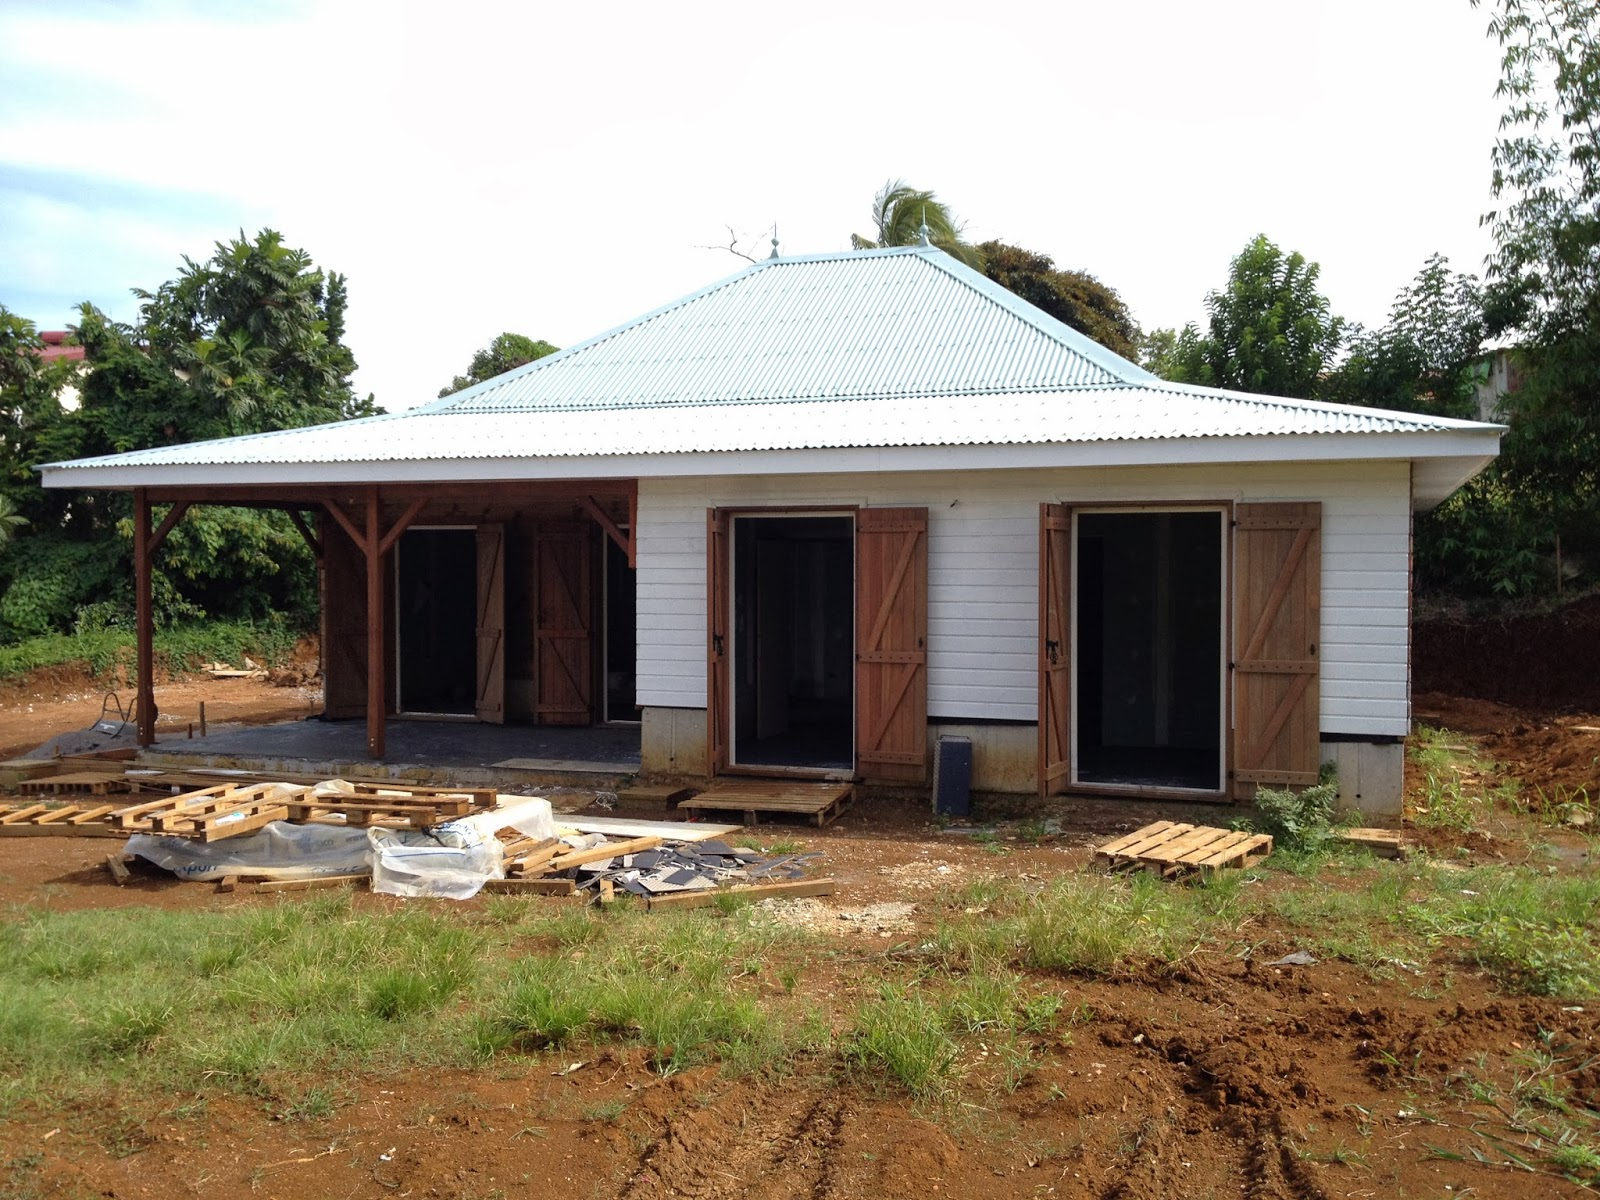 Peinture ext rieure construire maison cr ole en for Peindre sa maison exterieur